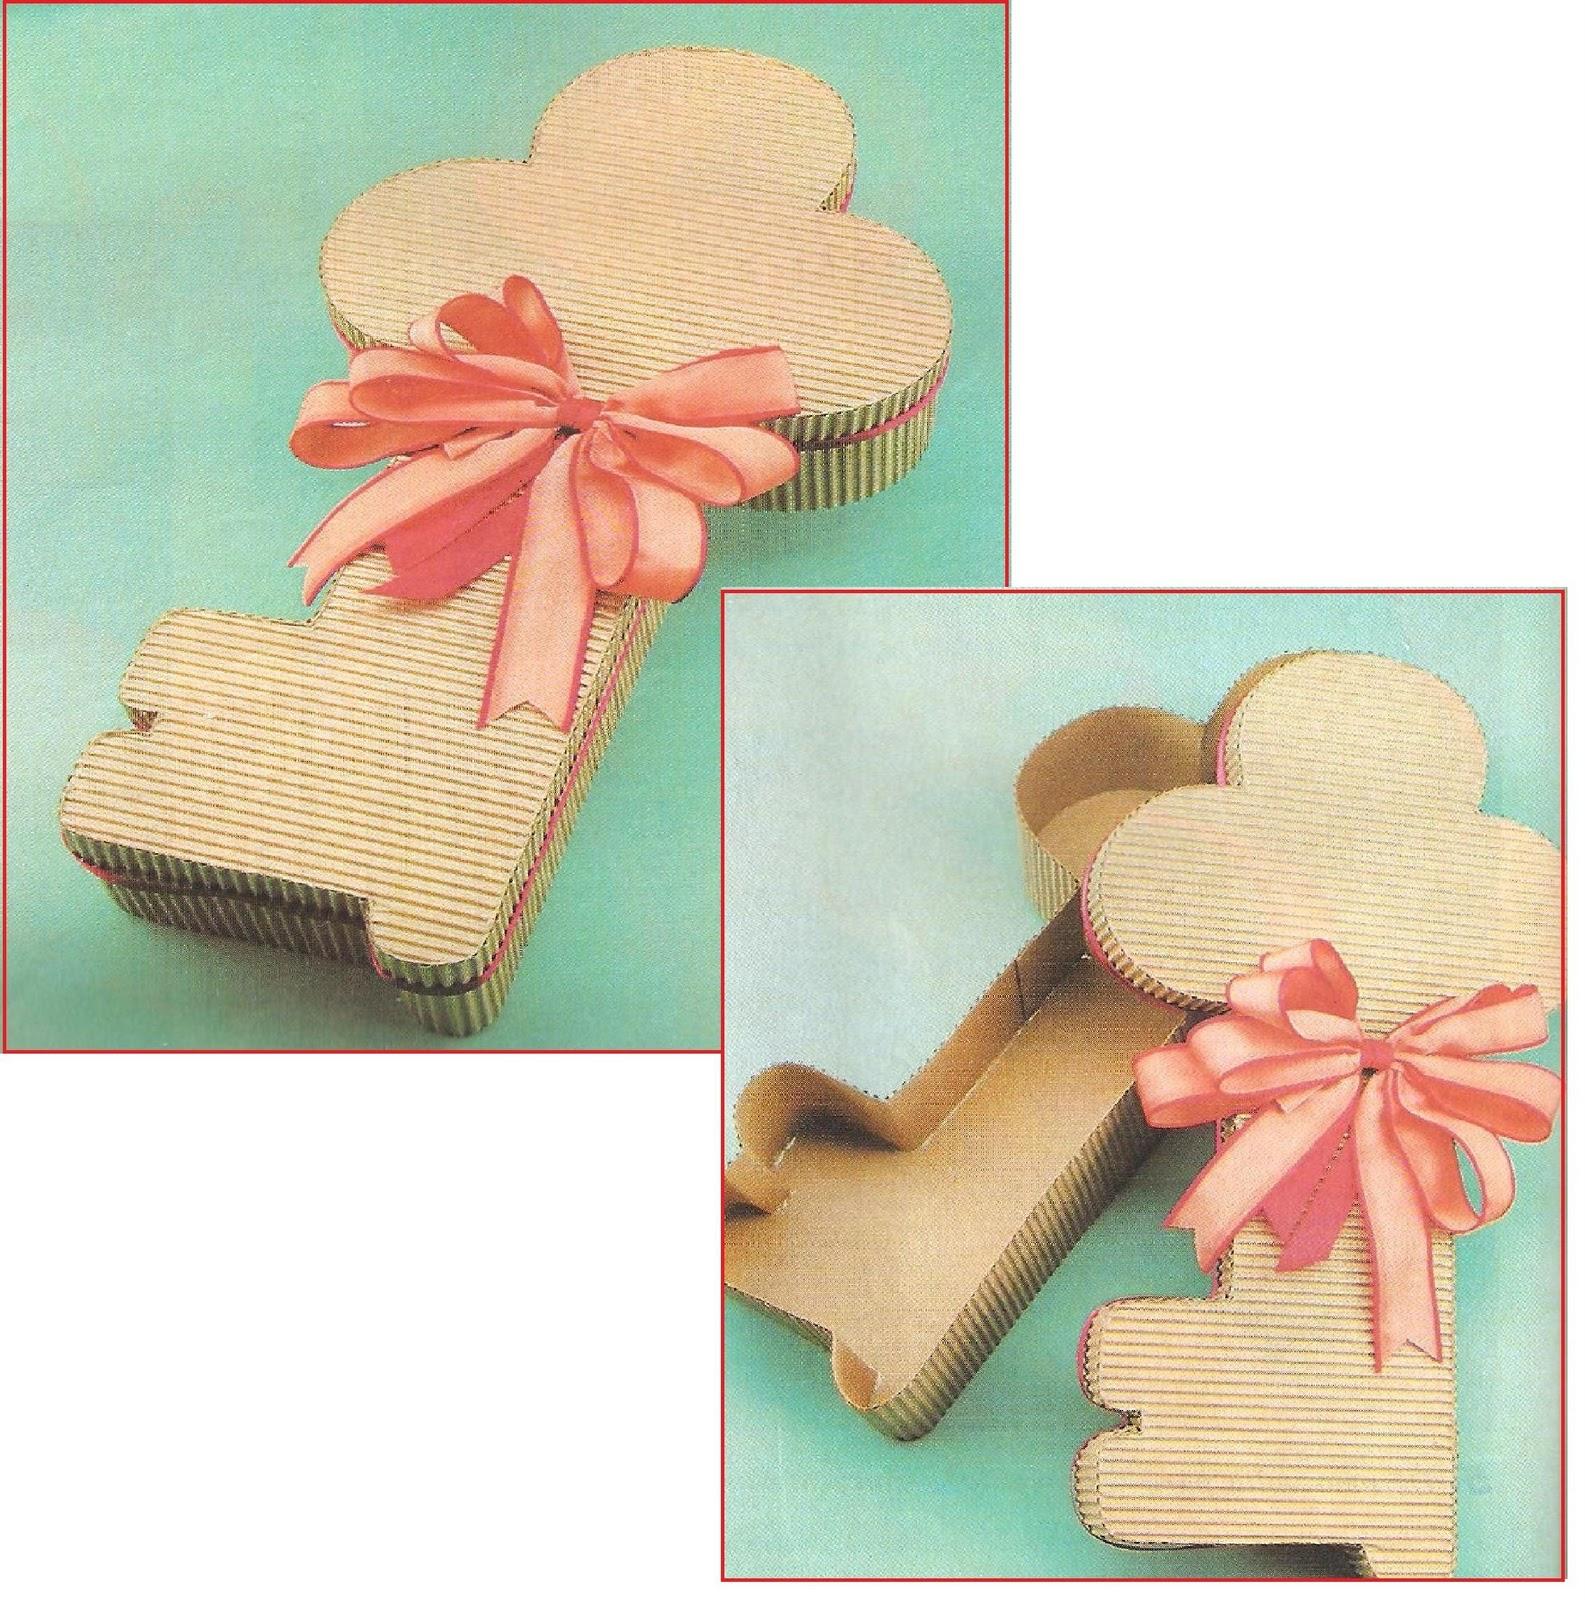 de uma caixa muito charmosa na forma de chave ideal para os namorados #9F4C2C 1585x1600